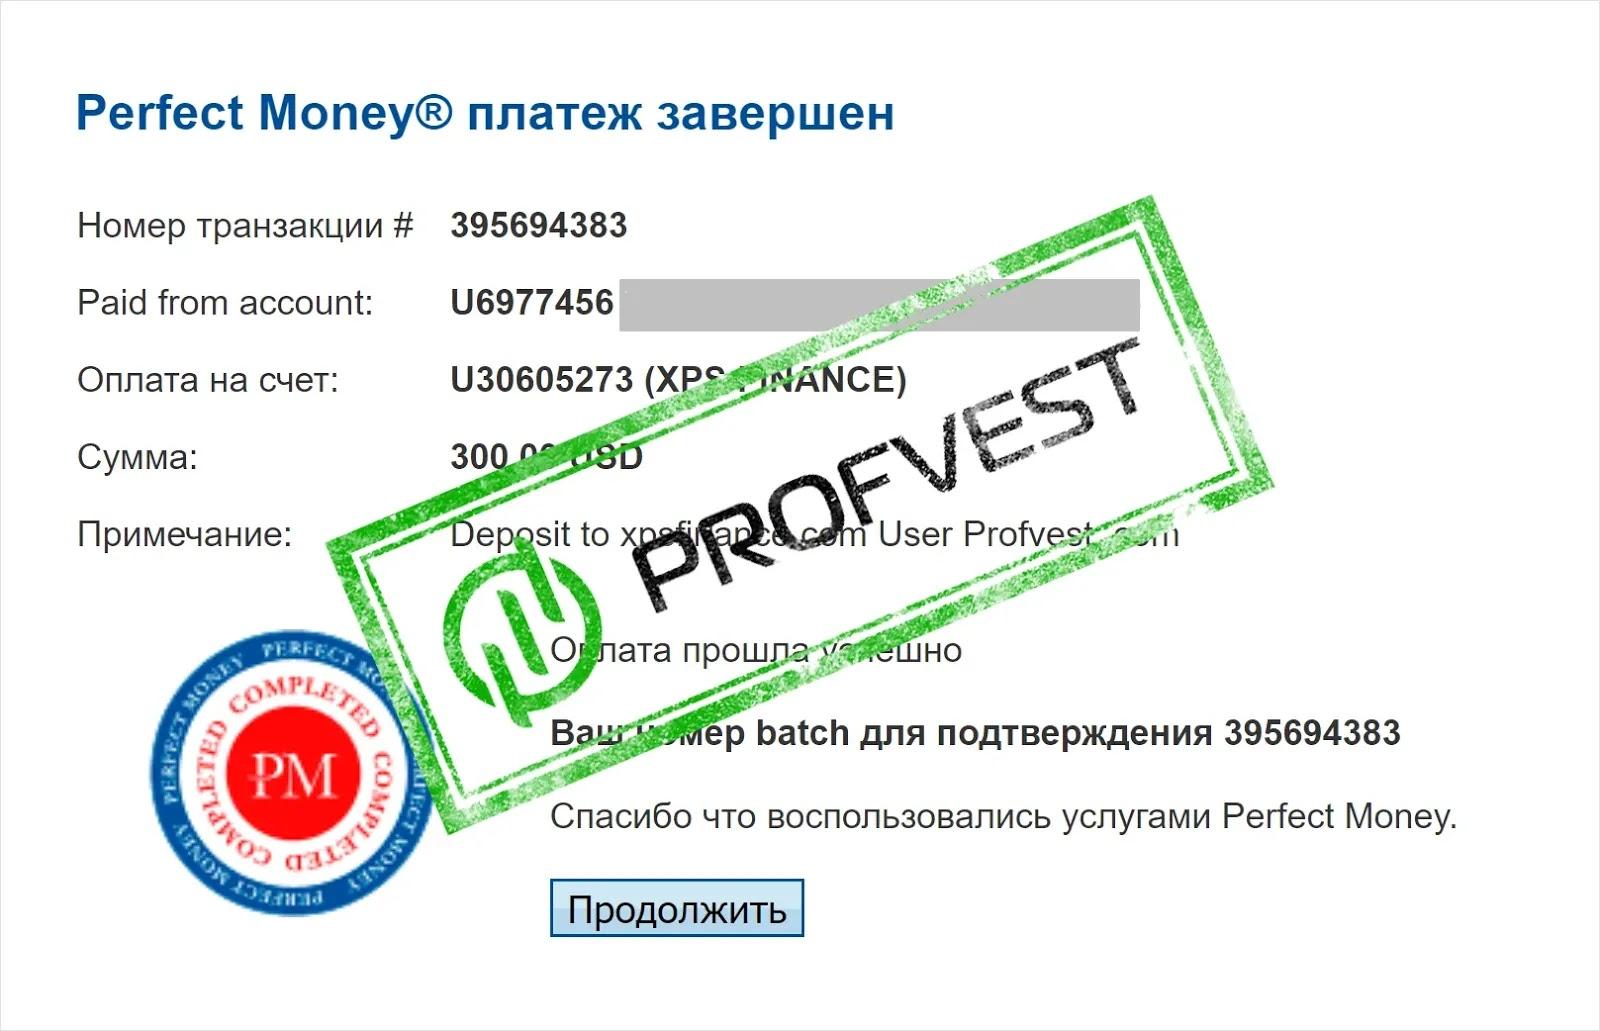 Депозит в XPS Finance